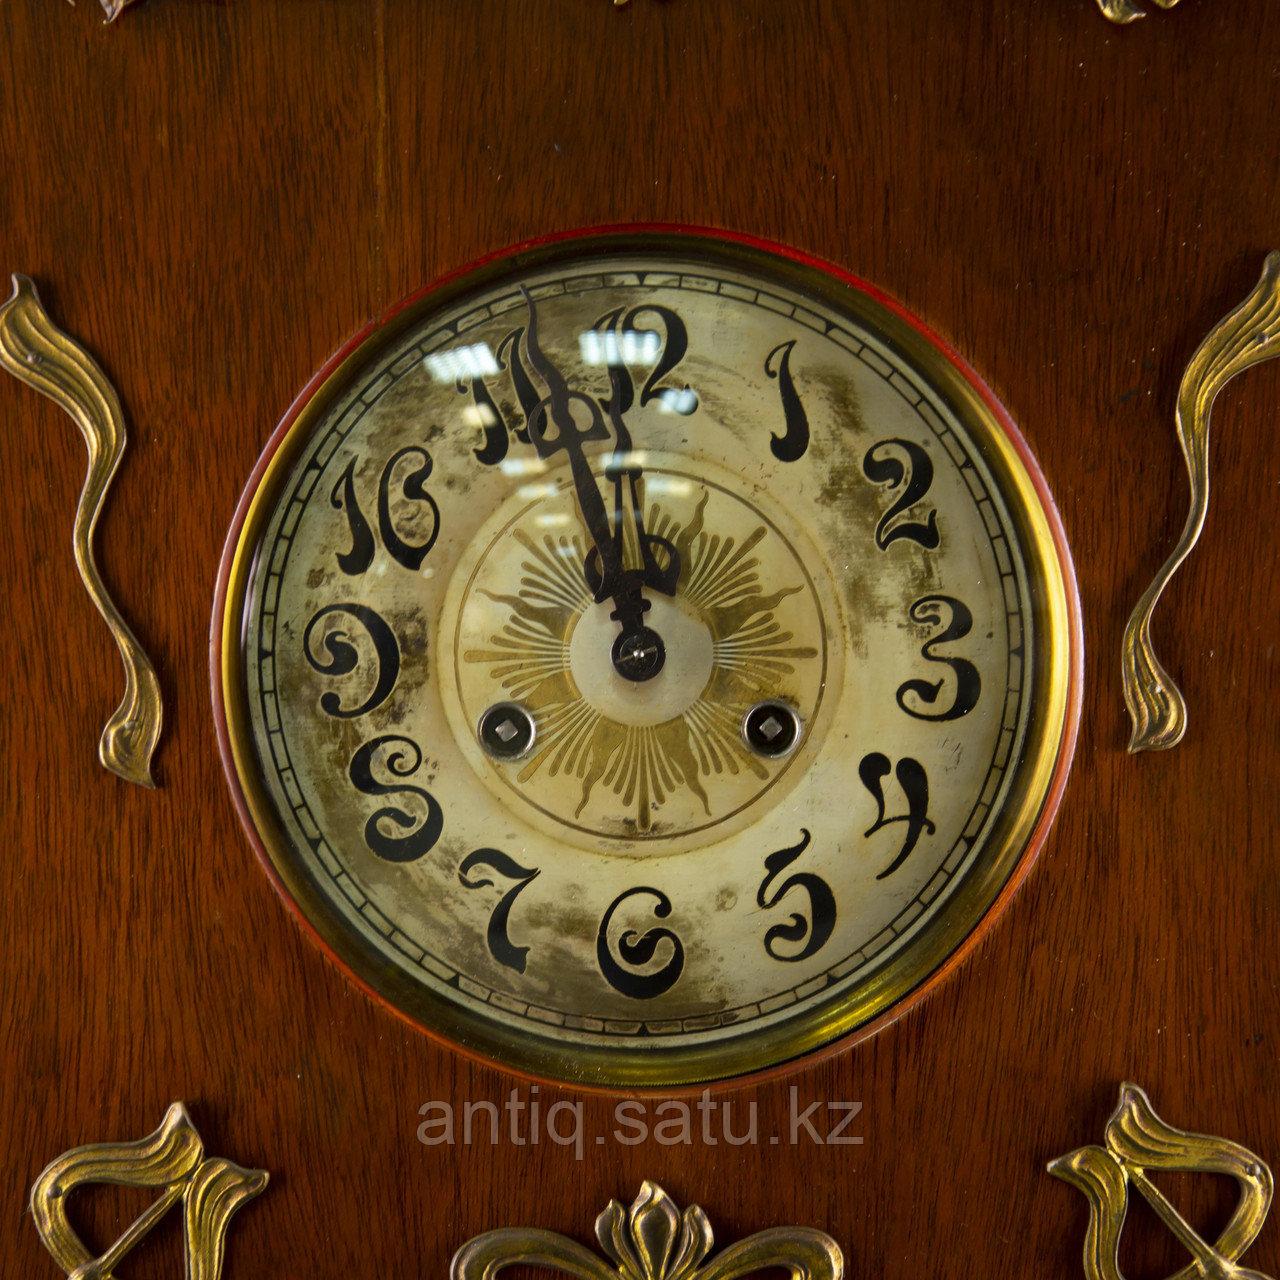 Редкие часы в стиле Ар Нуво. Часовая мастерская Junghans Германия. 1920-1930 годы. - фото 7